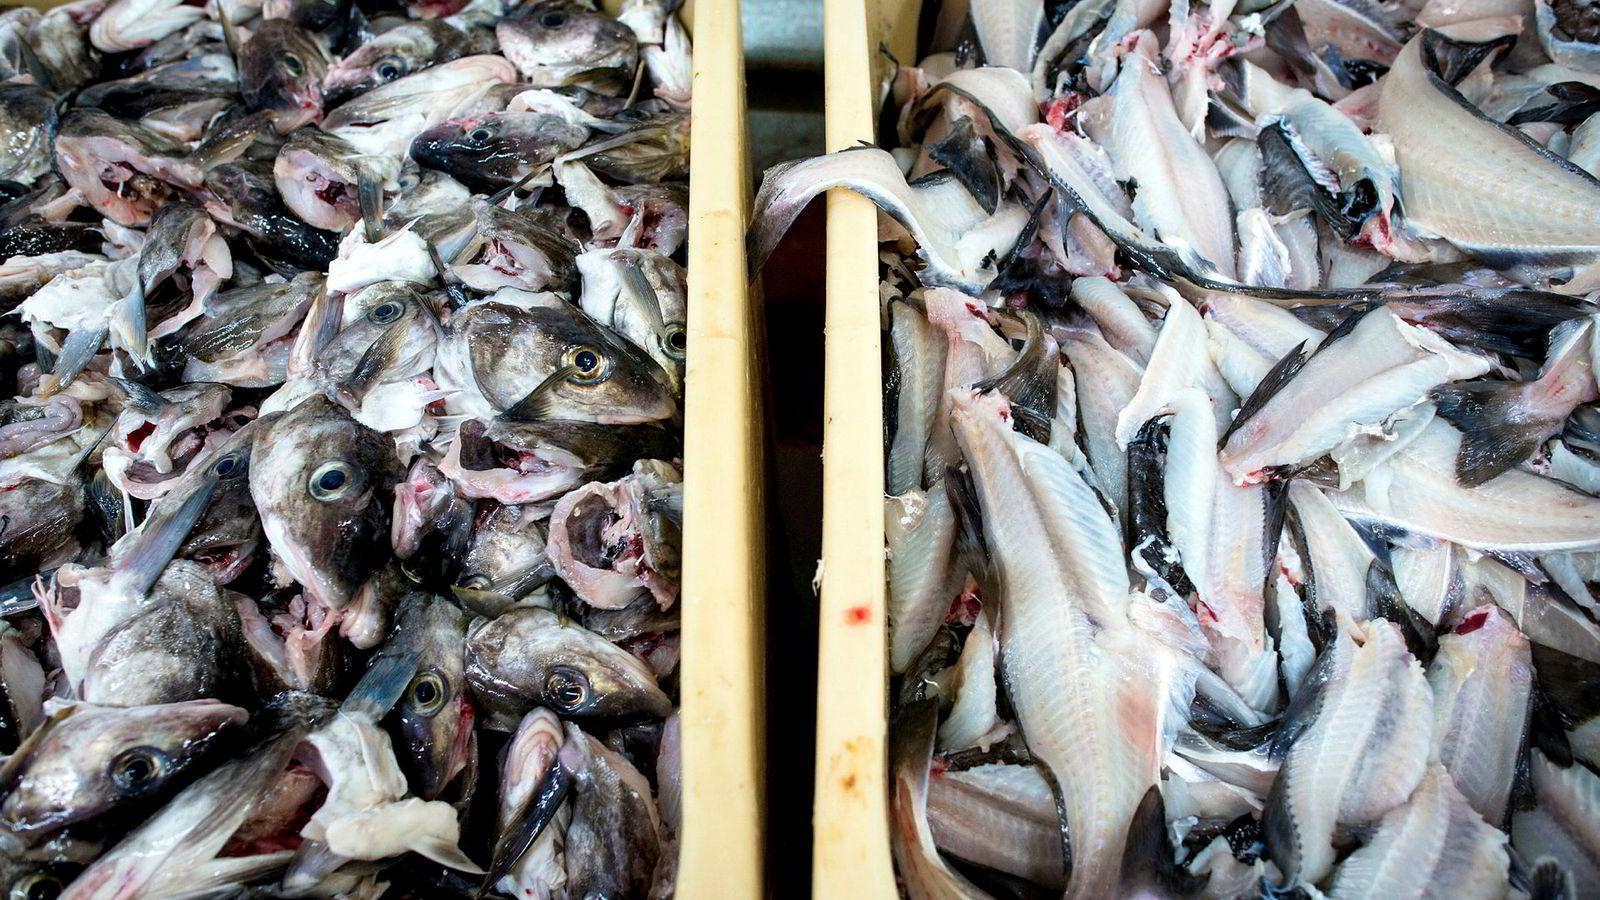 72 prosent av norsk fisk blir sendt ut av landet for videreforedling i fiskeindustrien i andre land. Hadde vi i stedet bearbeidet den i Norge, kunne verdien av dagens eksport økt med 30 milliarder kroner.